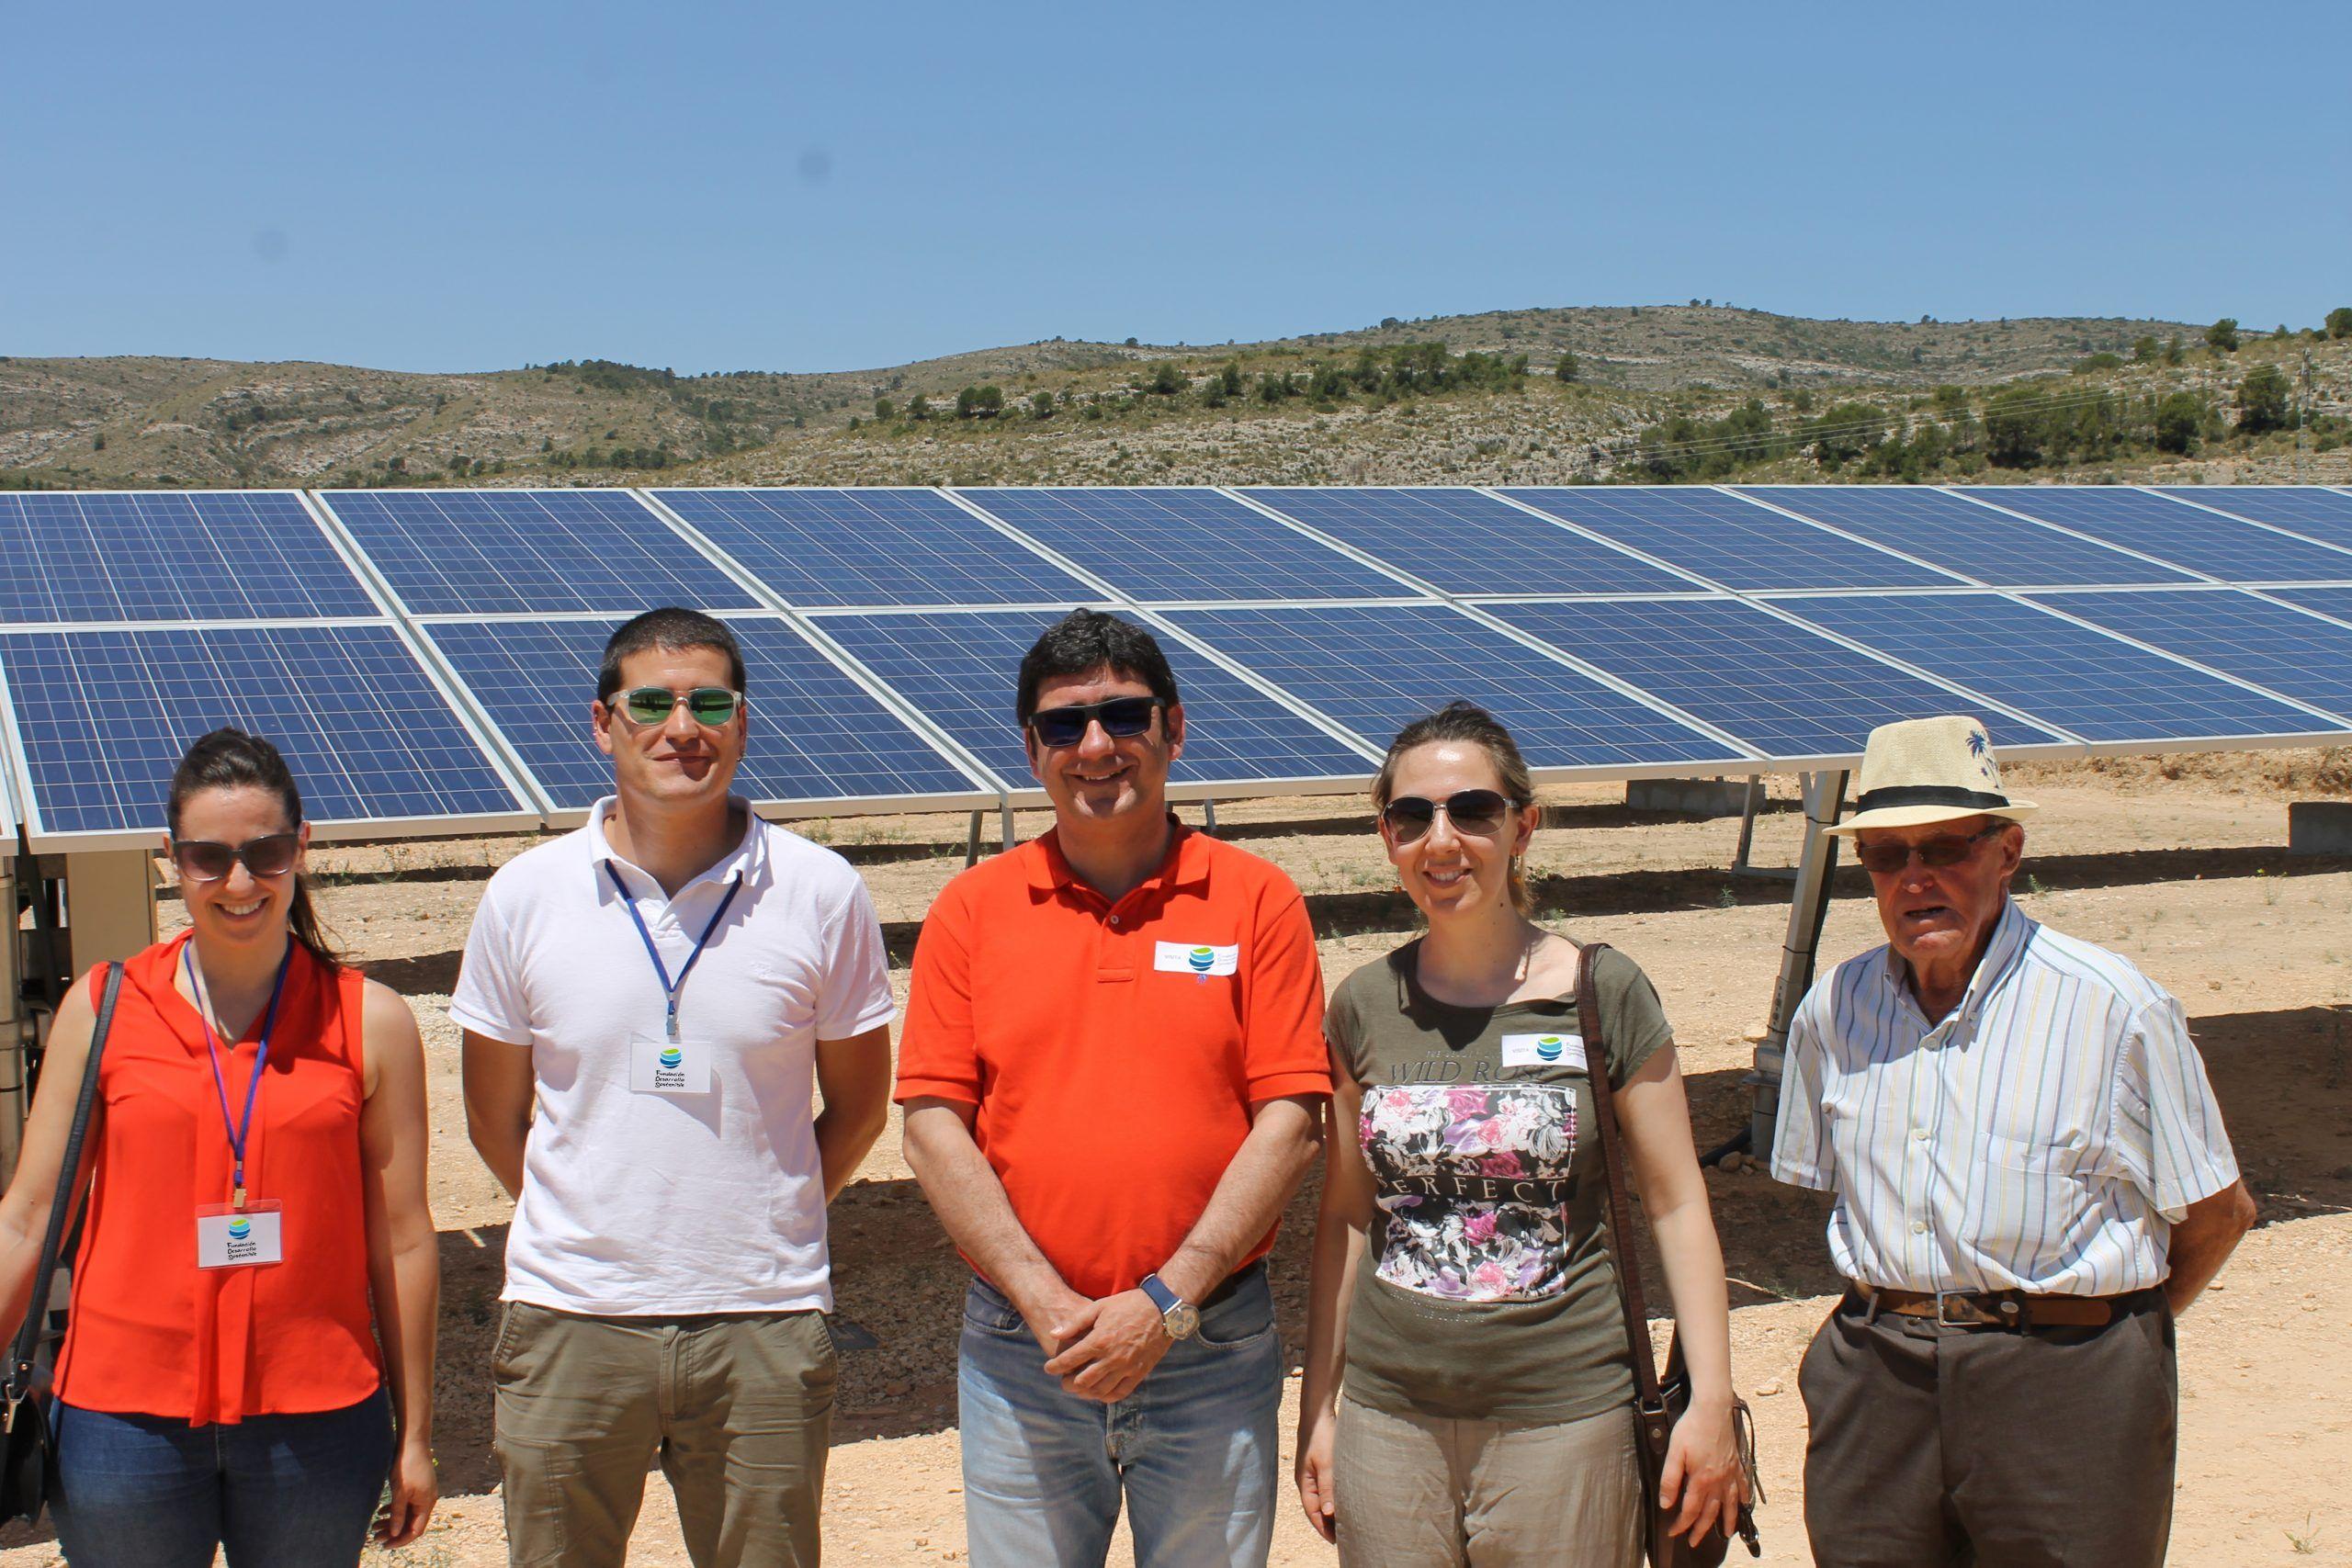 IMG 7779 - Los agricultores y regantes de Cehegín visitan una instalación de riego con bombeo solar